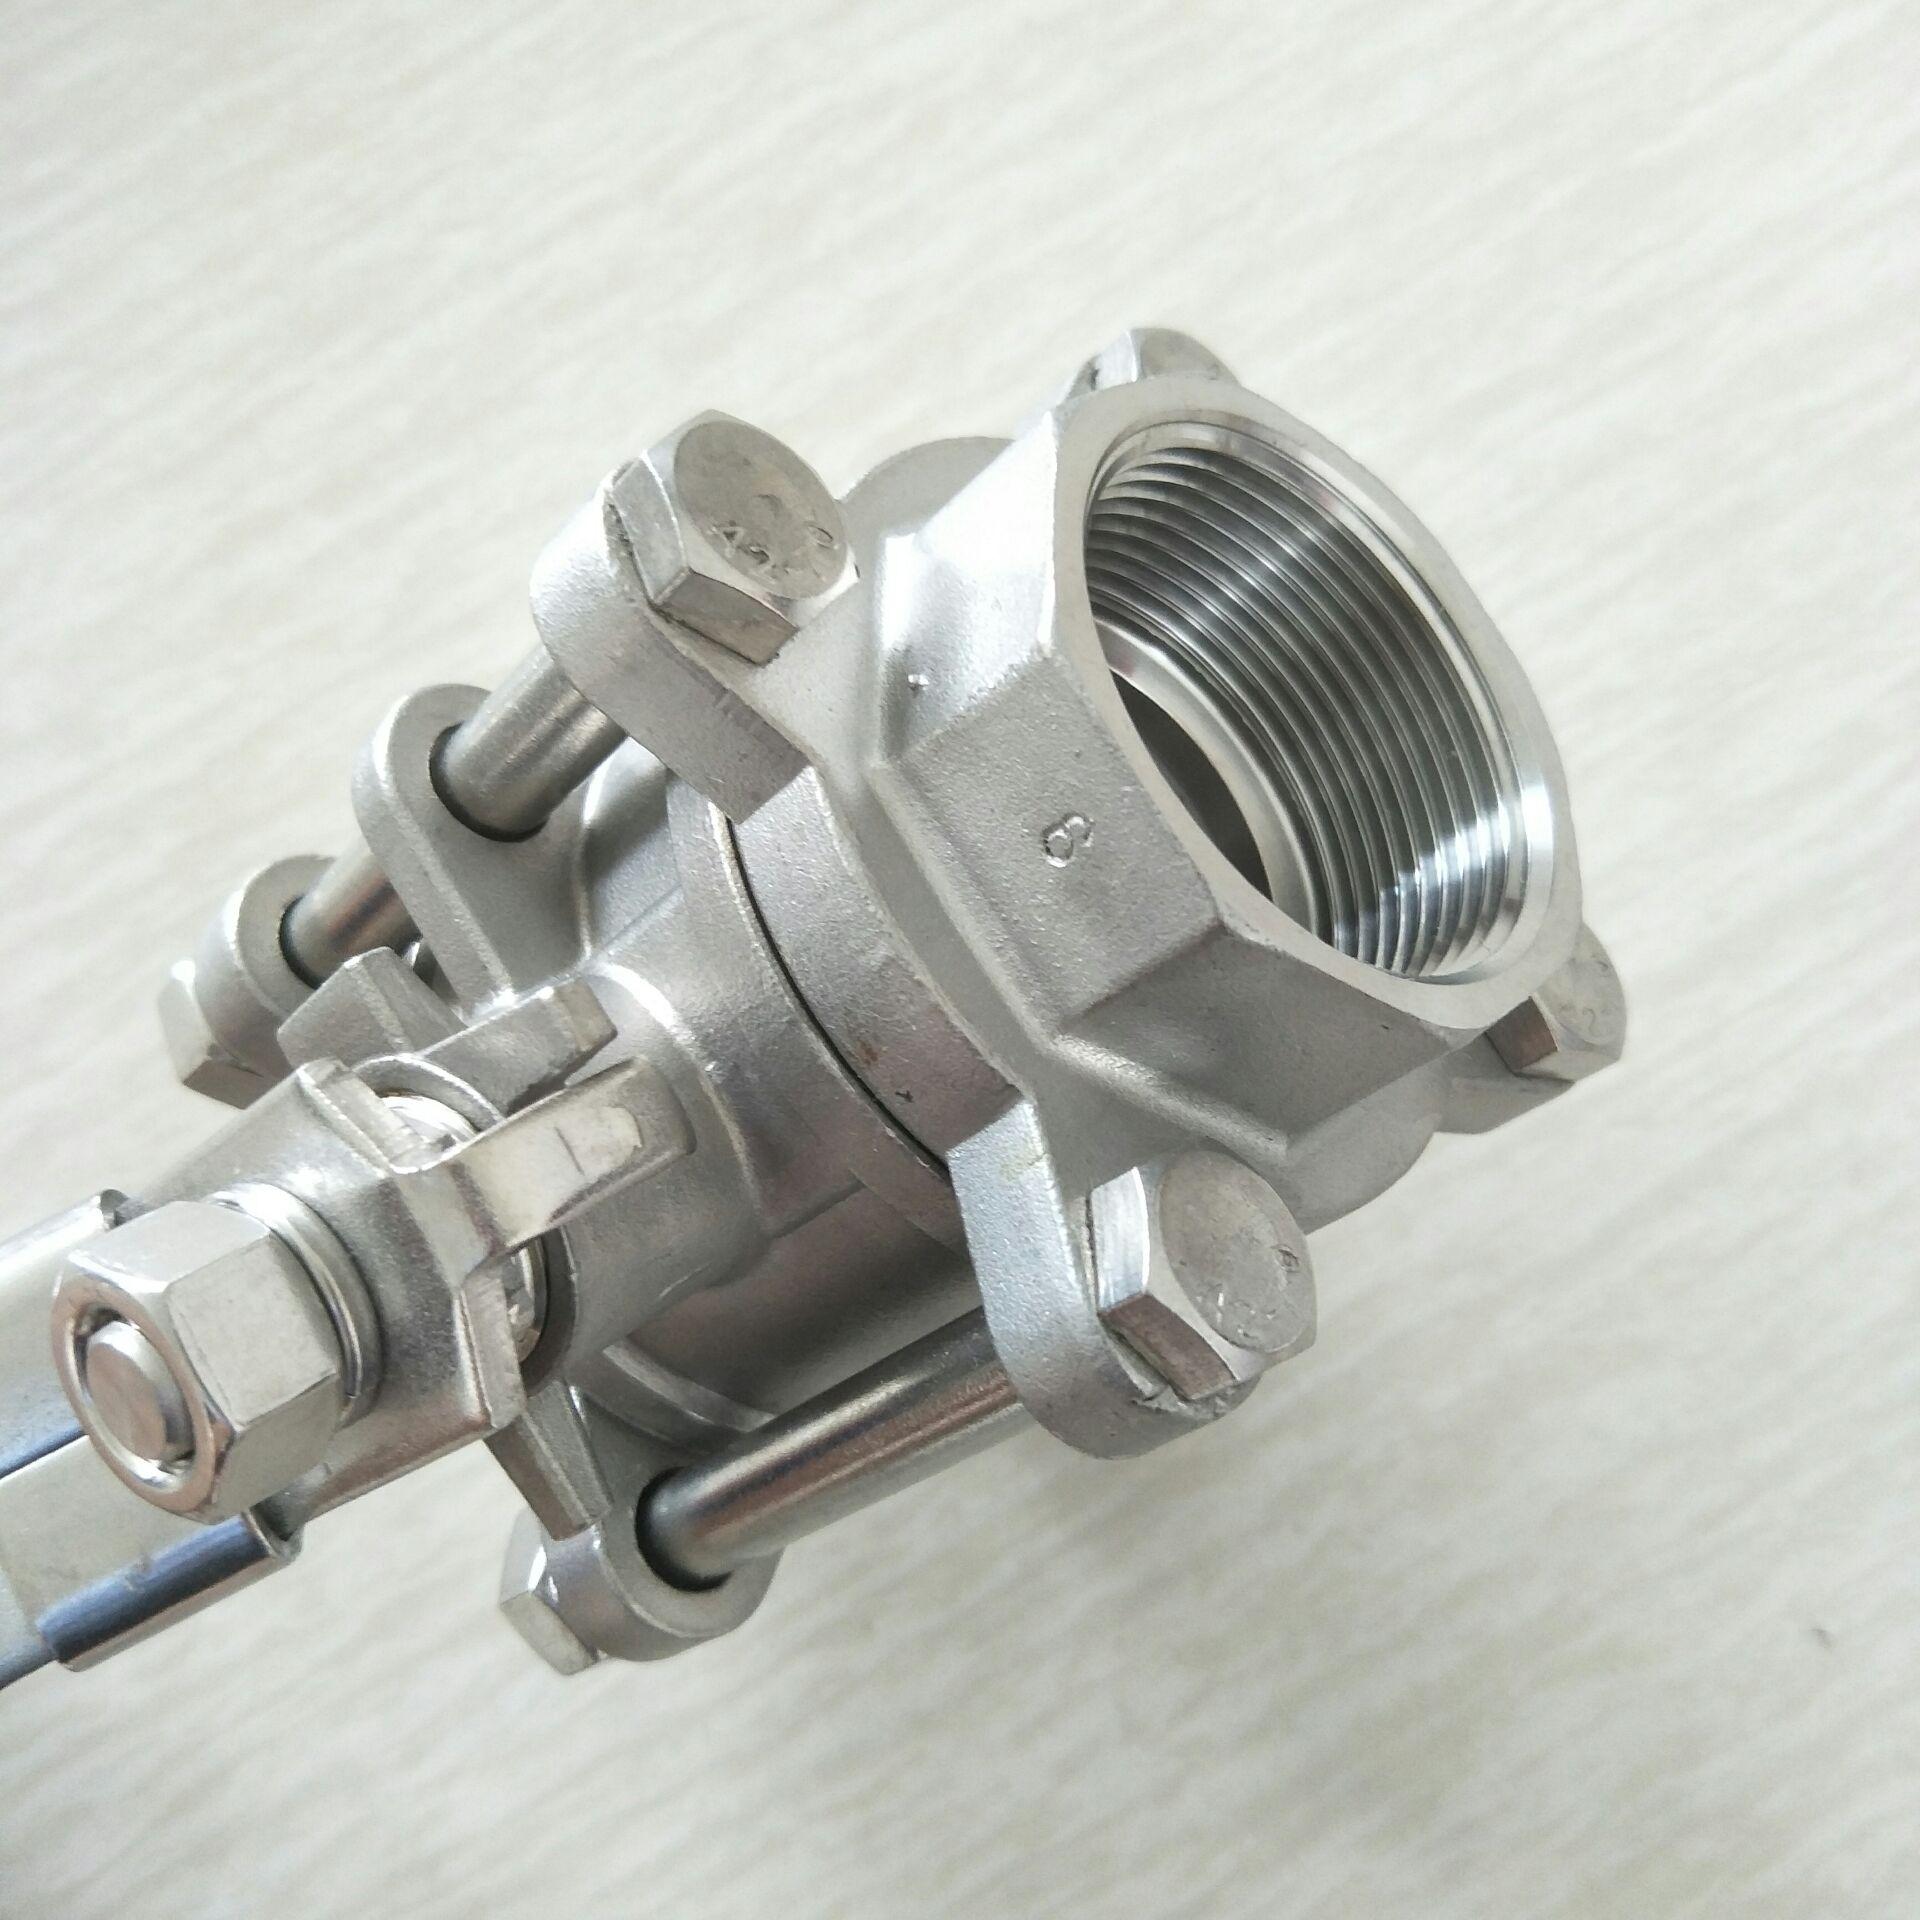 不锈钢三片式球阀 DN40 3PC球阀11/2寸810955092